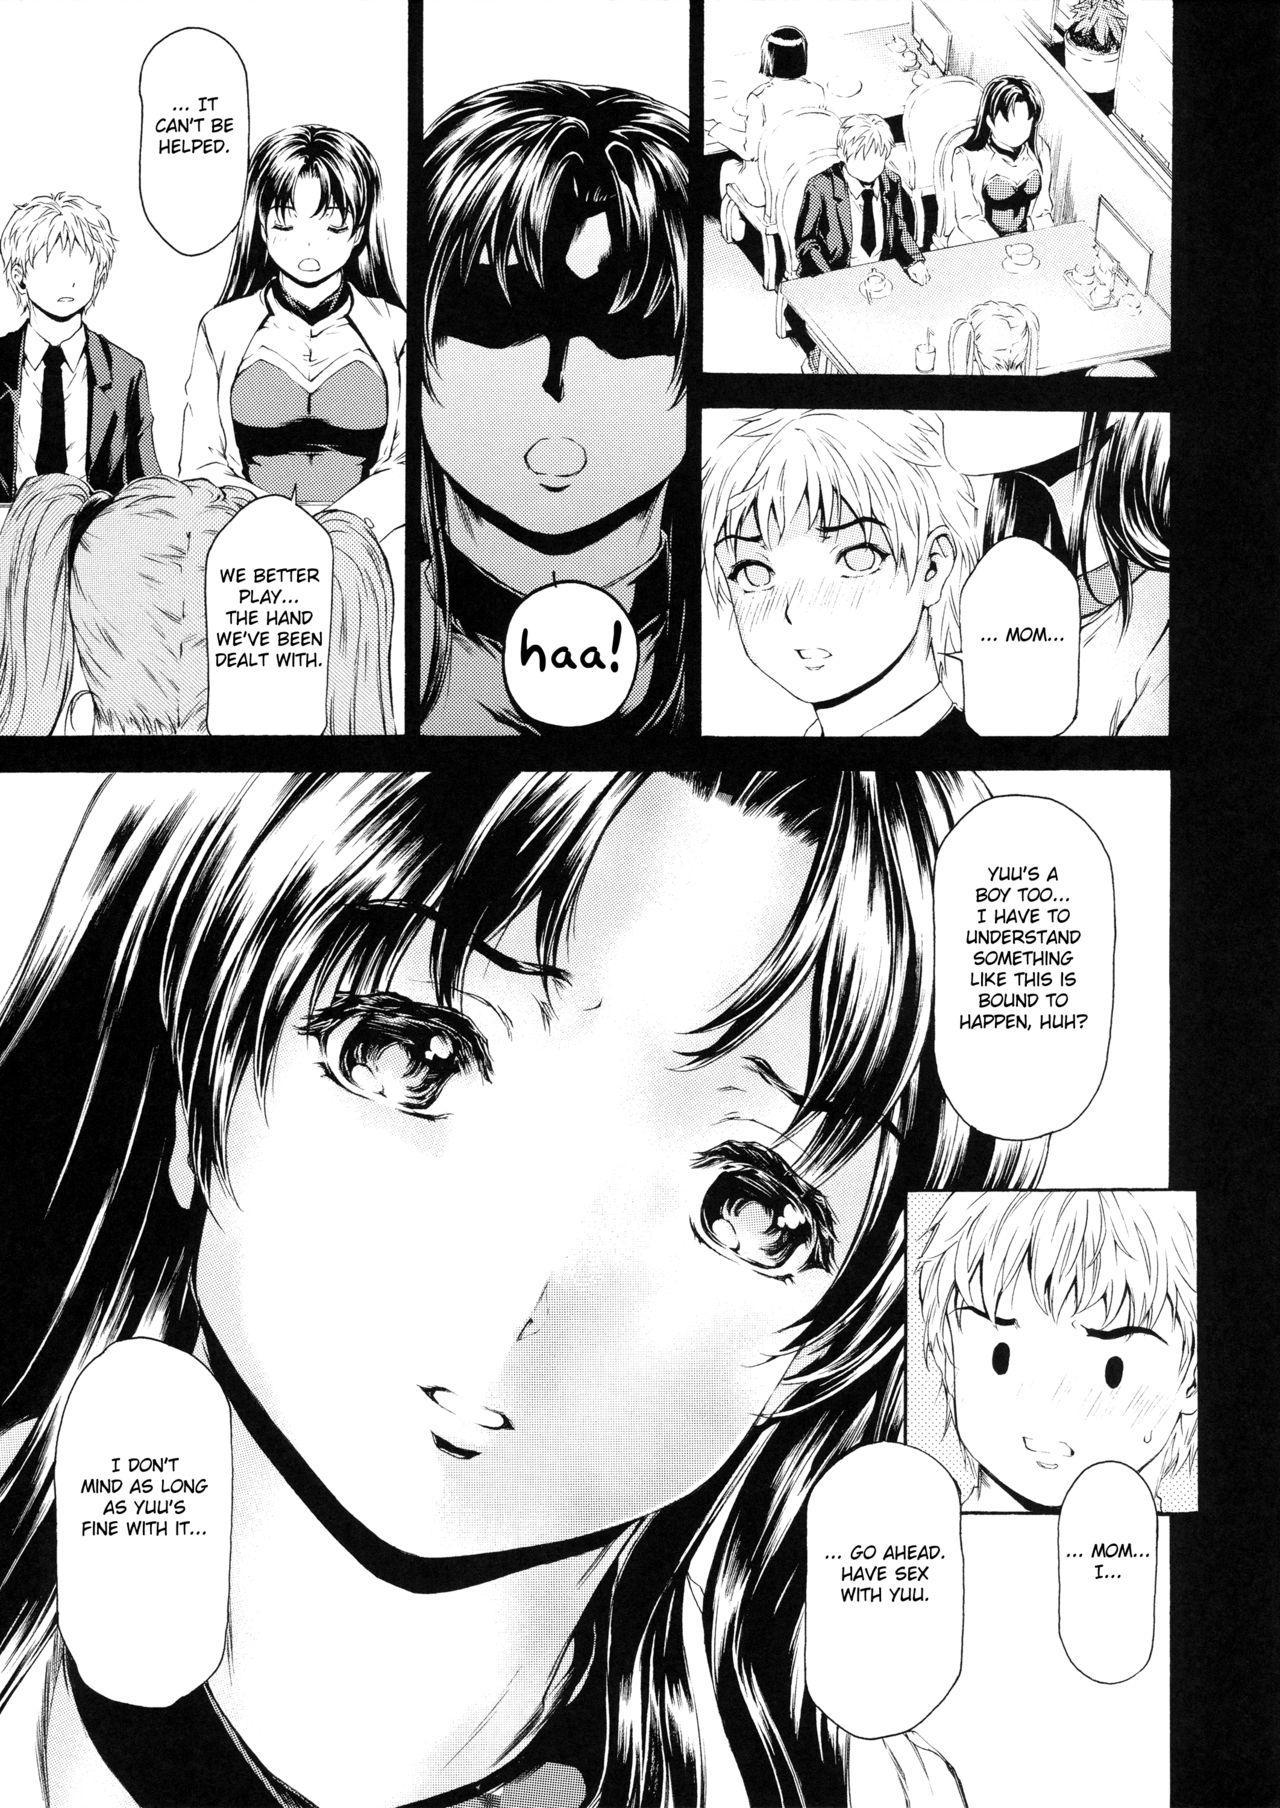 [Subesube 1kg (Narita Kyousha)] 9-Ji Kara 5-ji Made no Koibito Dai 11 wa - Nine to Five Lover [English] [Fated Circle] 6